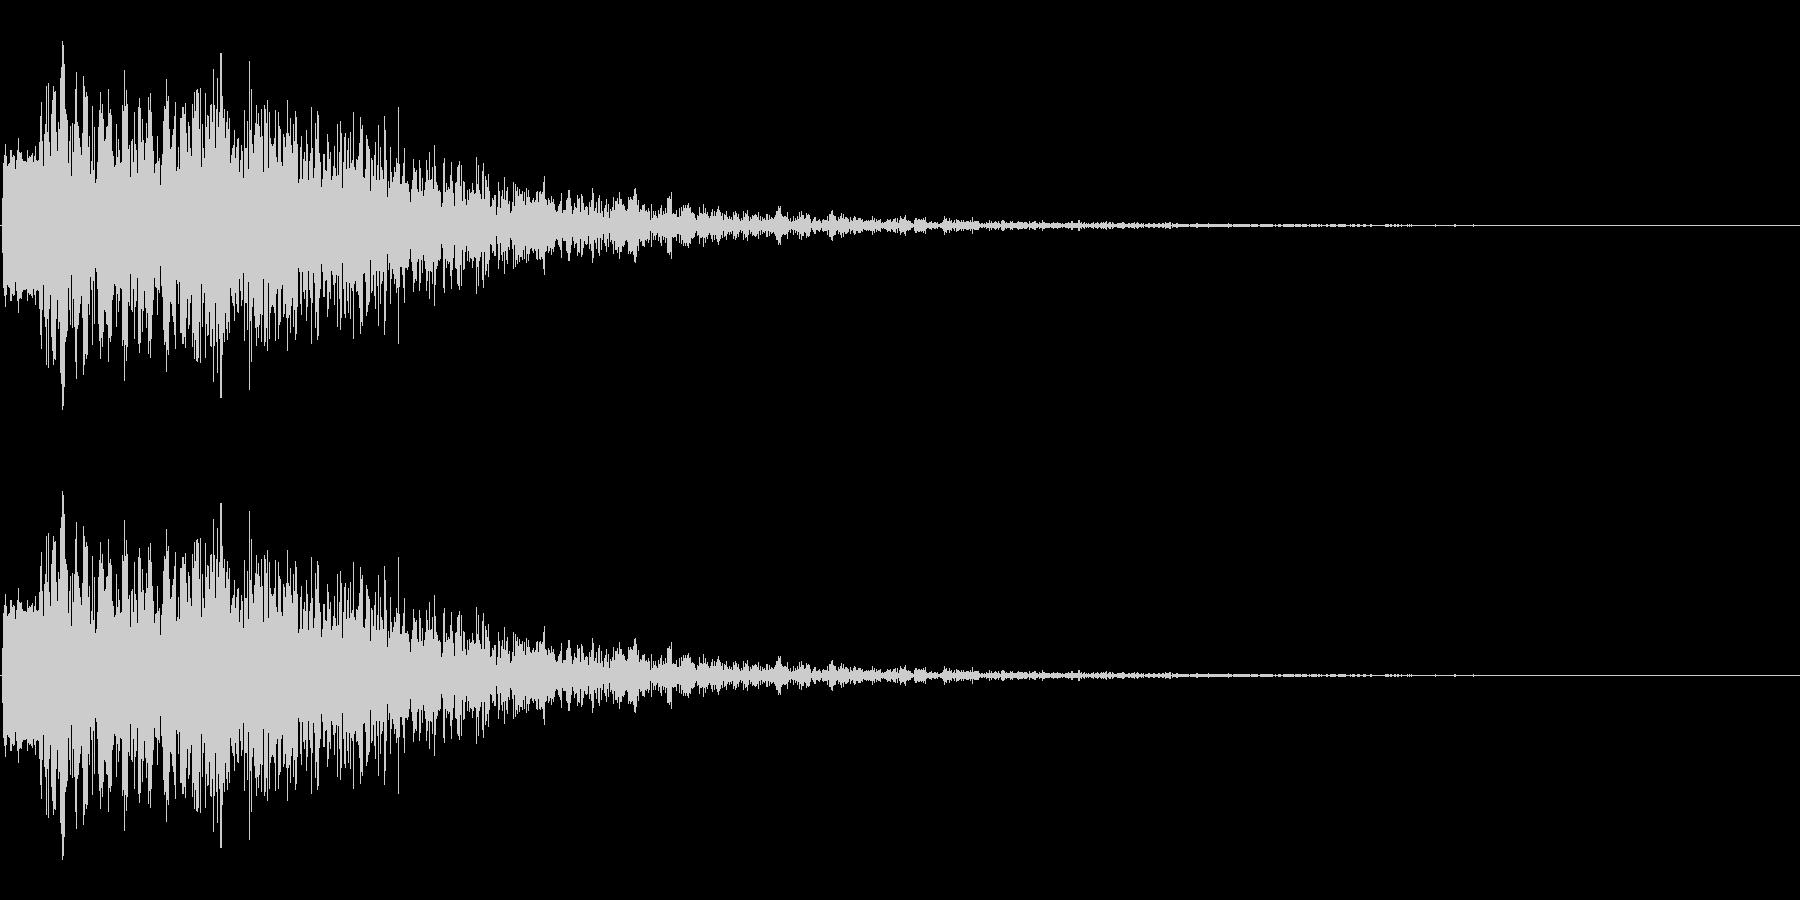 斬撃音 ビュオンという効果音の未再生の波形